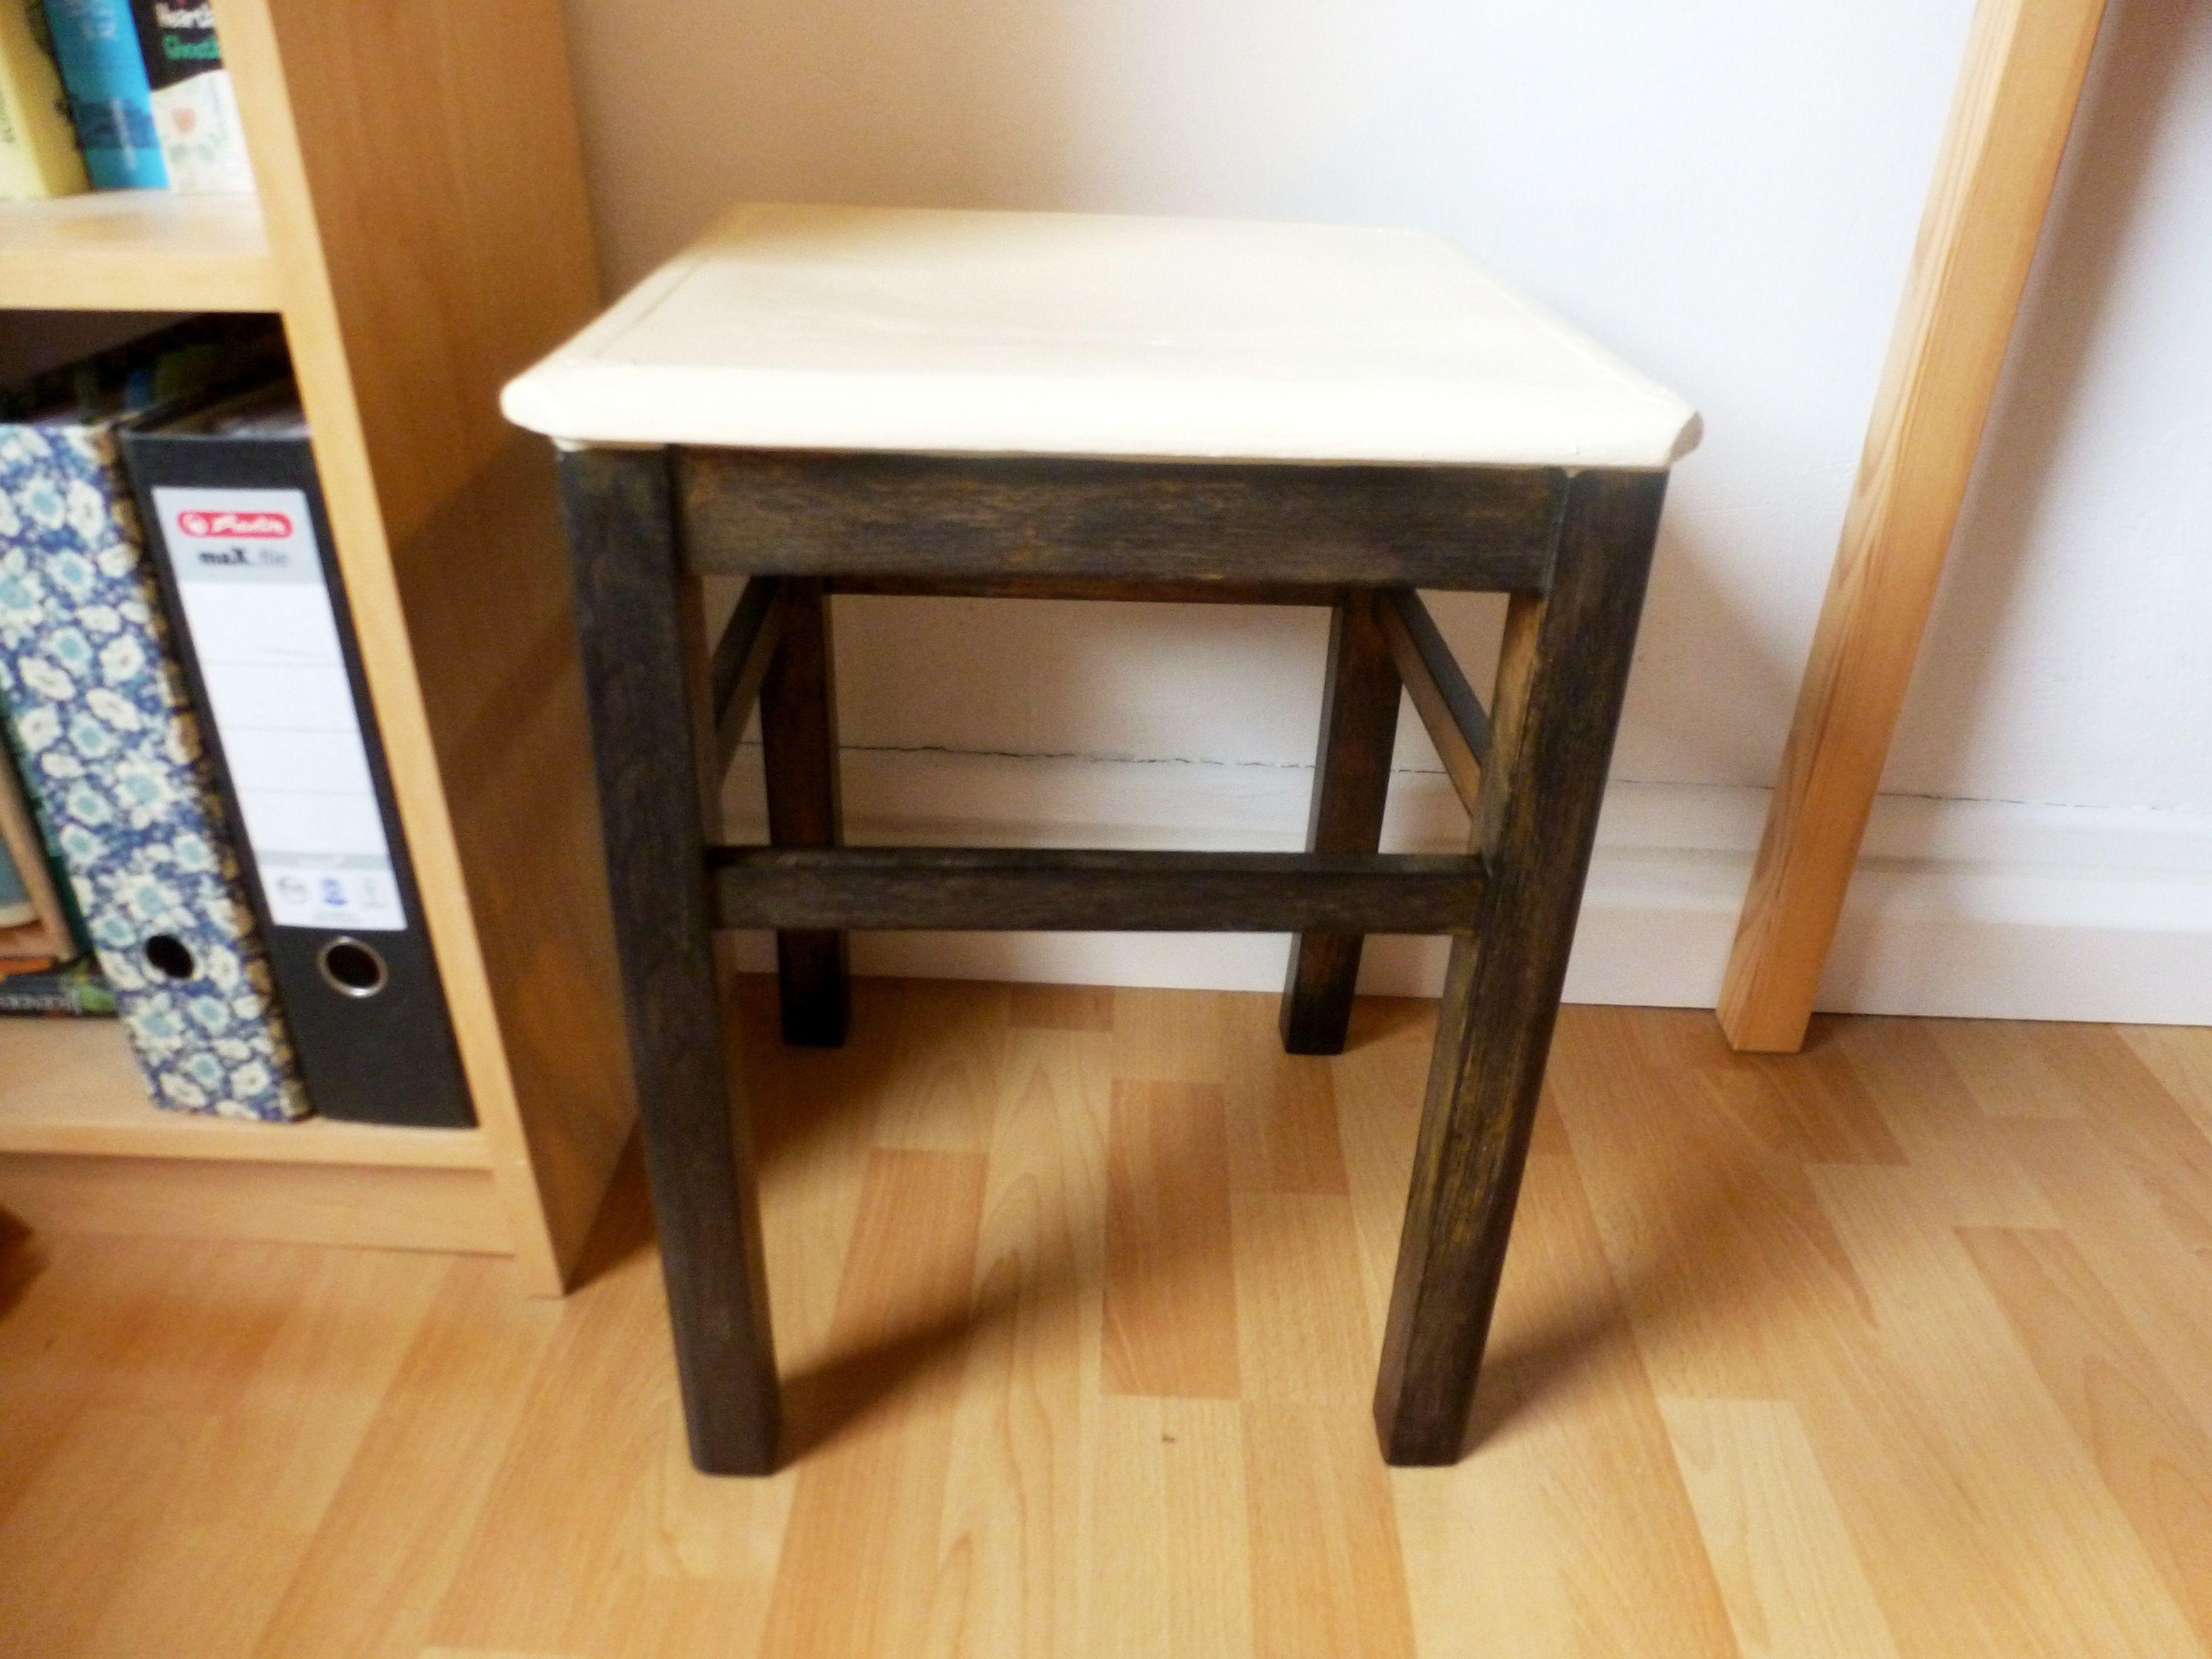 Stuhl neu gestalten - Stuhl Auffrischung mit einfachsten Mitteln ...